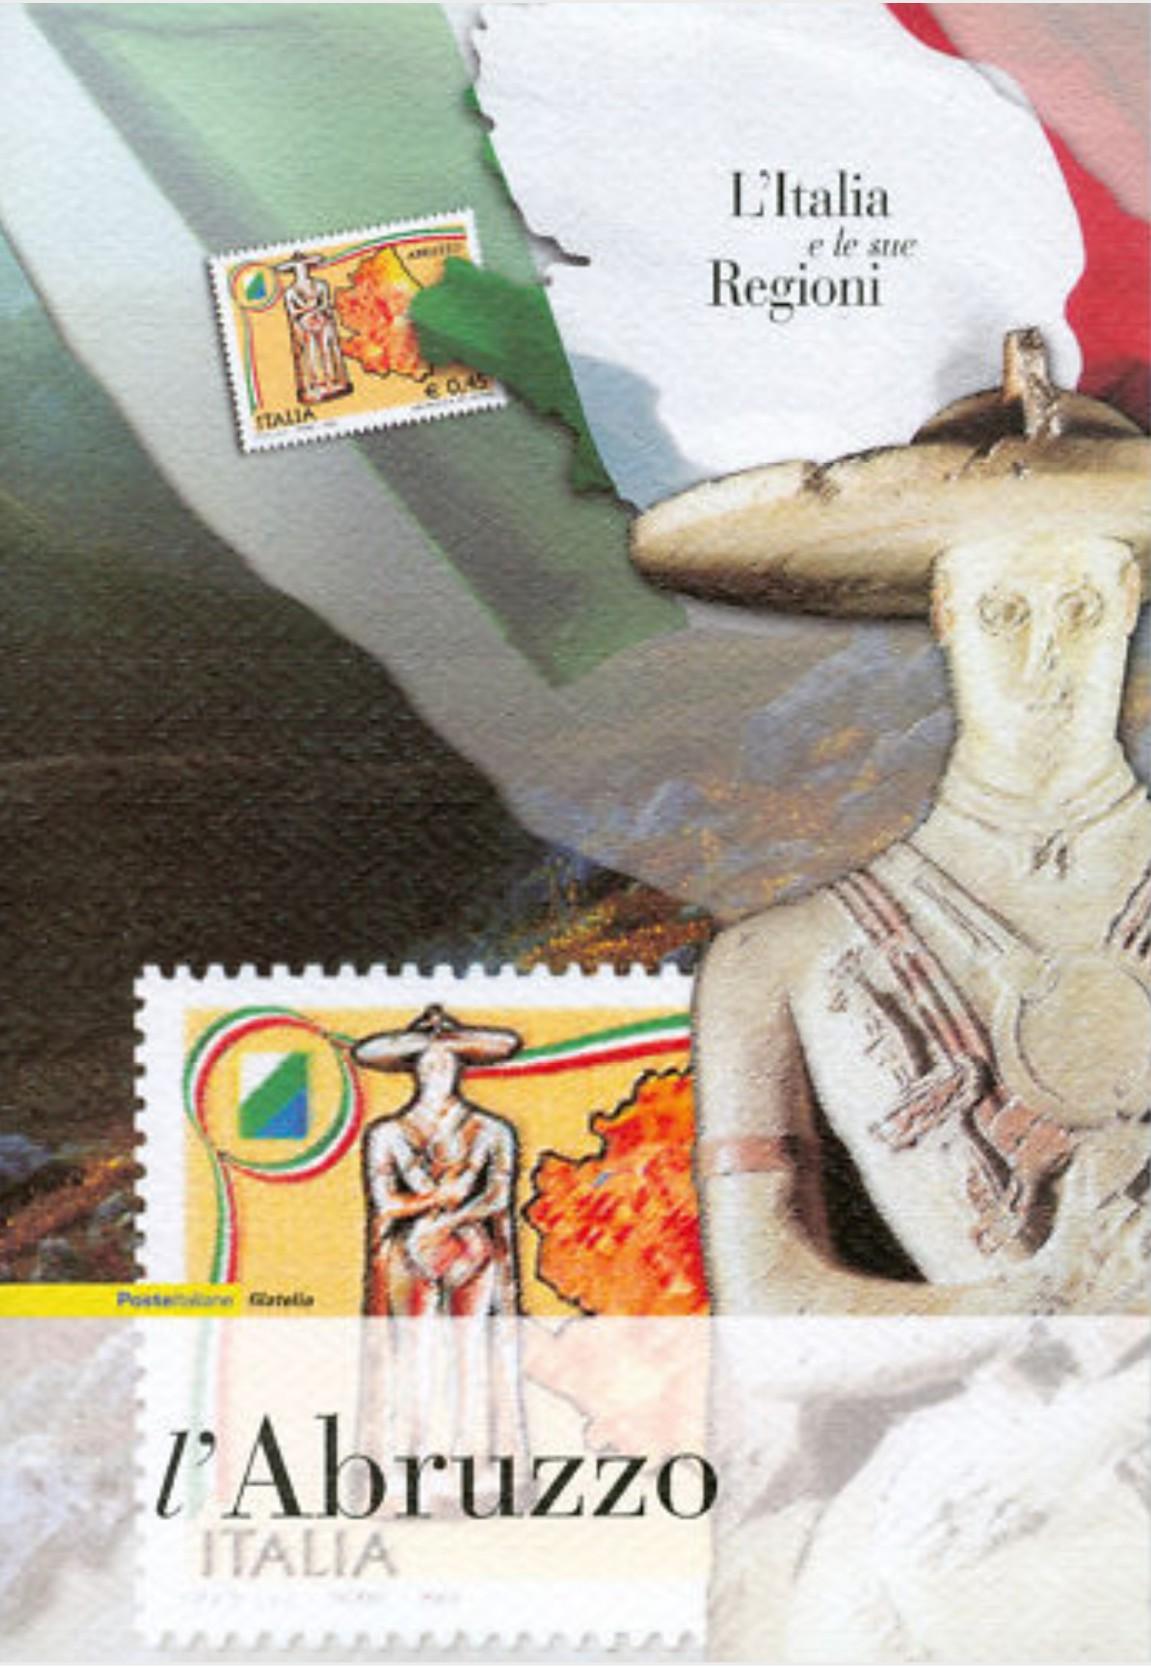 folder - L'Italia e le sue regioni, l'Abruzzo